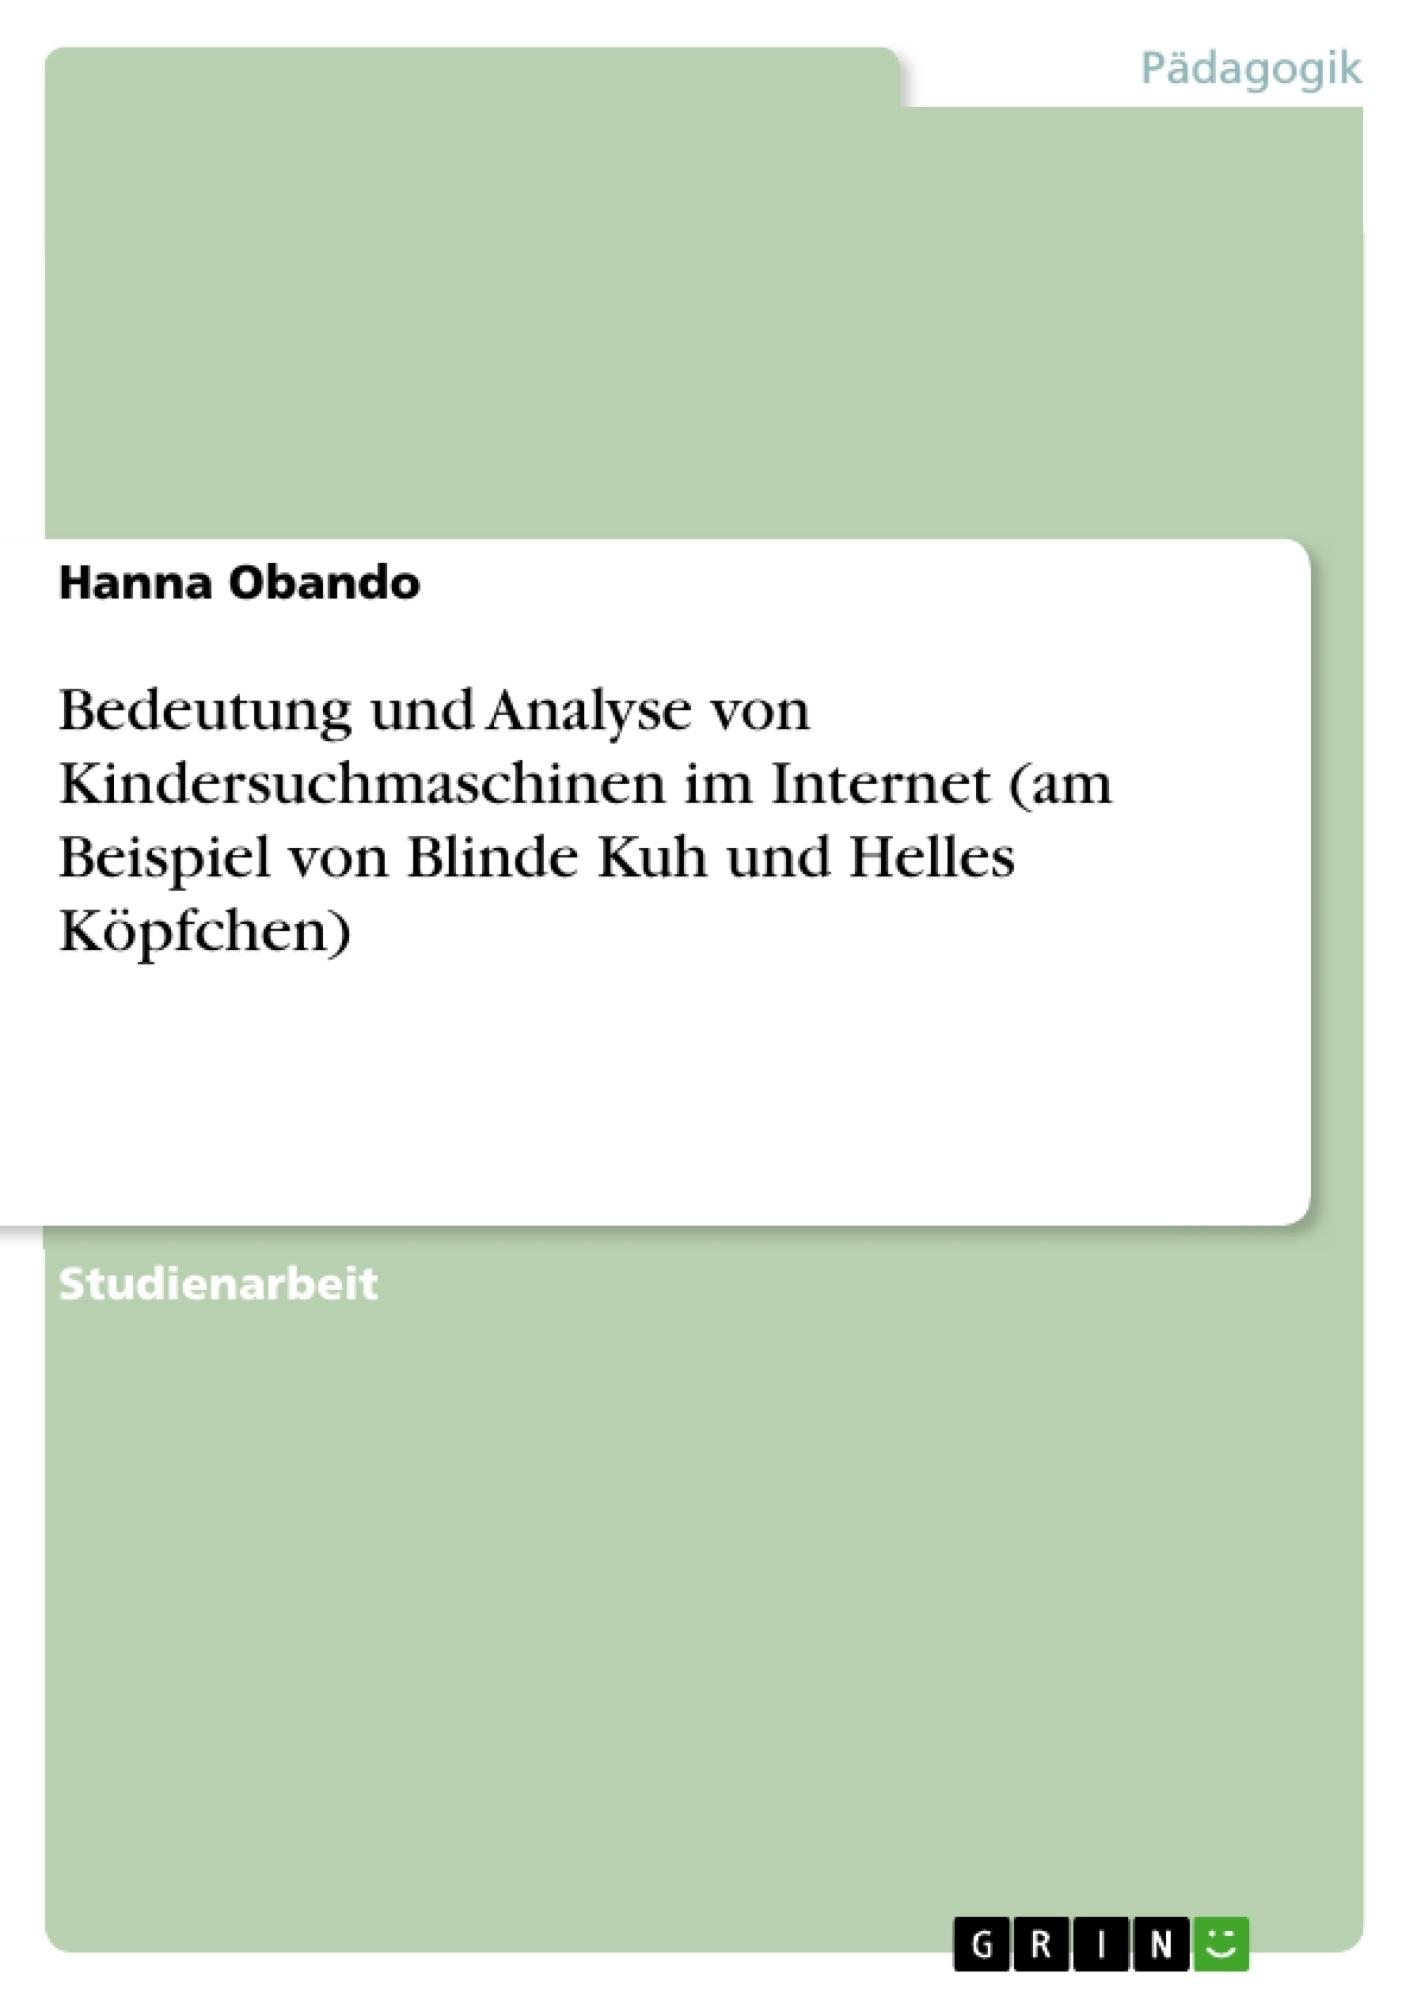 Titel: Bedeutung und Analyse von Kindersuchmaschinen im Internet (am Beispiel von Blinde Kuh und Helles Köpfchen)